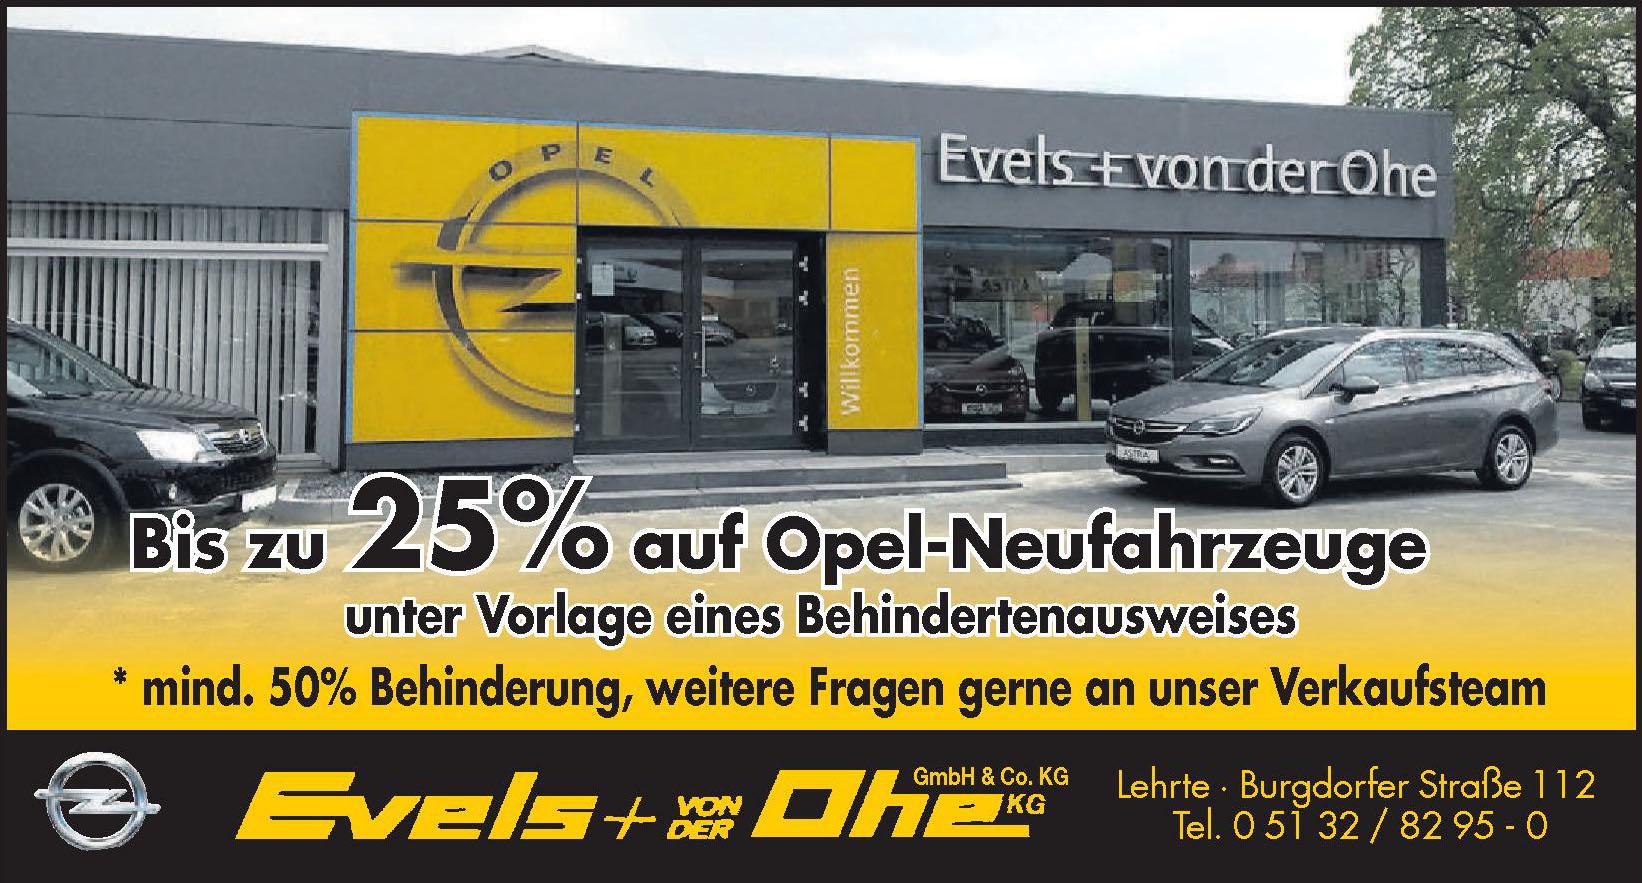 Evels + Von der Ohe GmbH & Co. KG